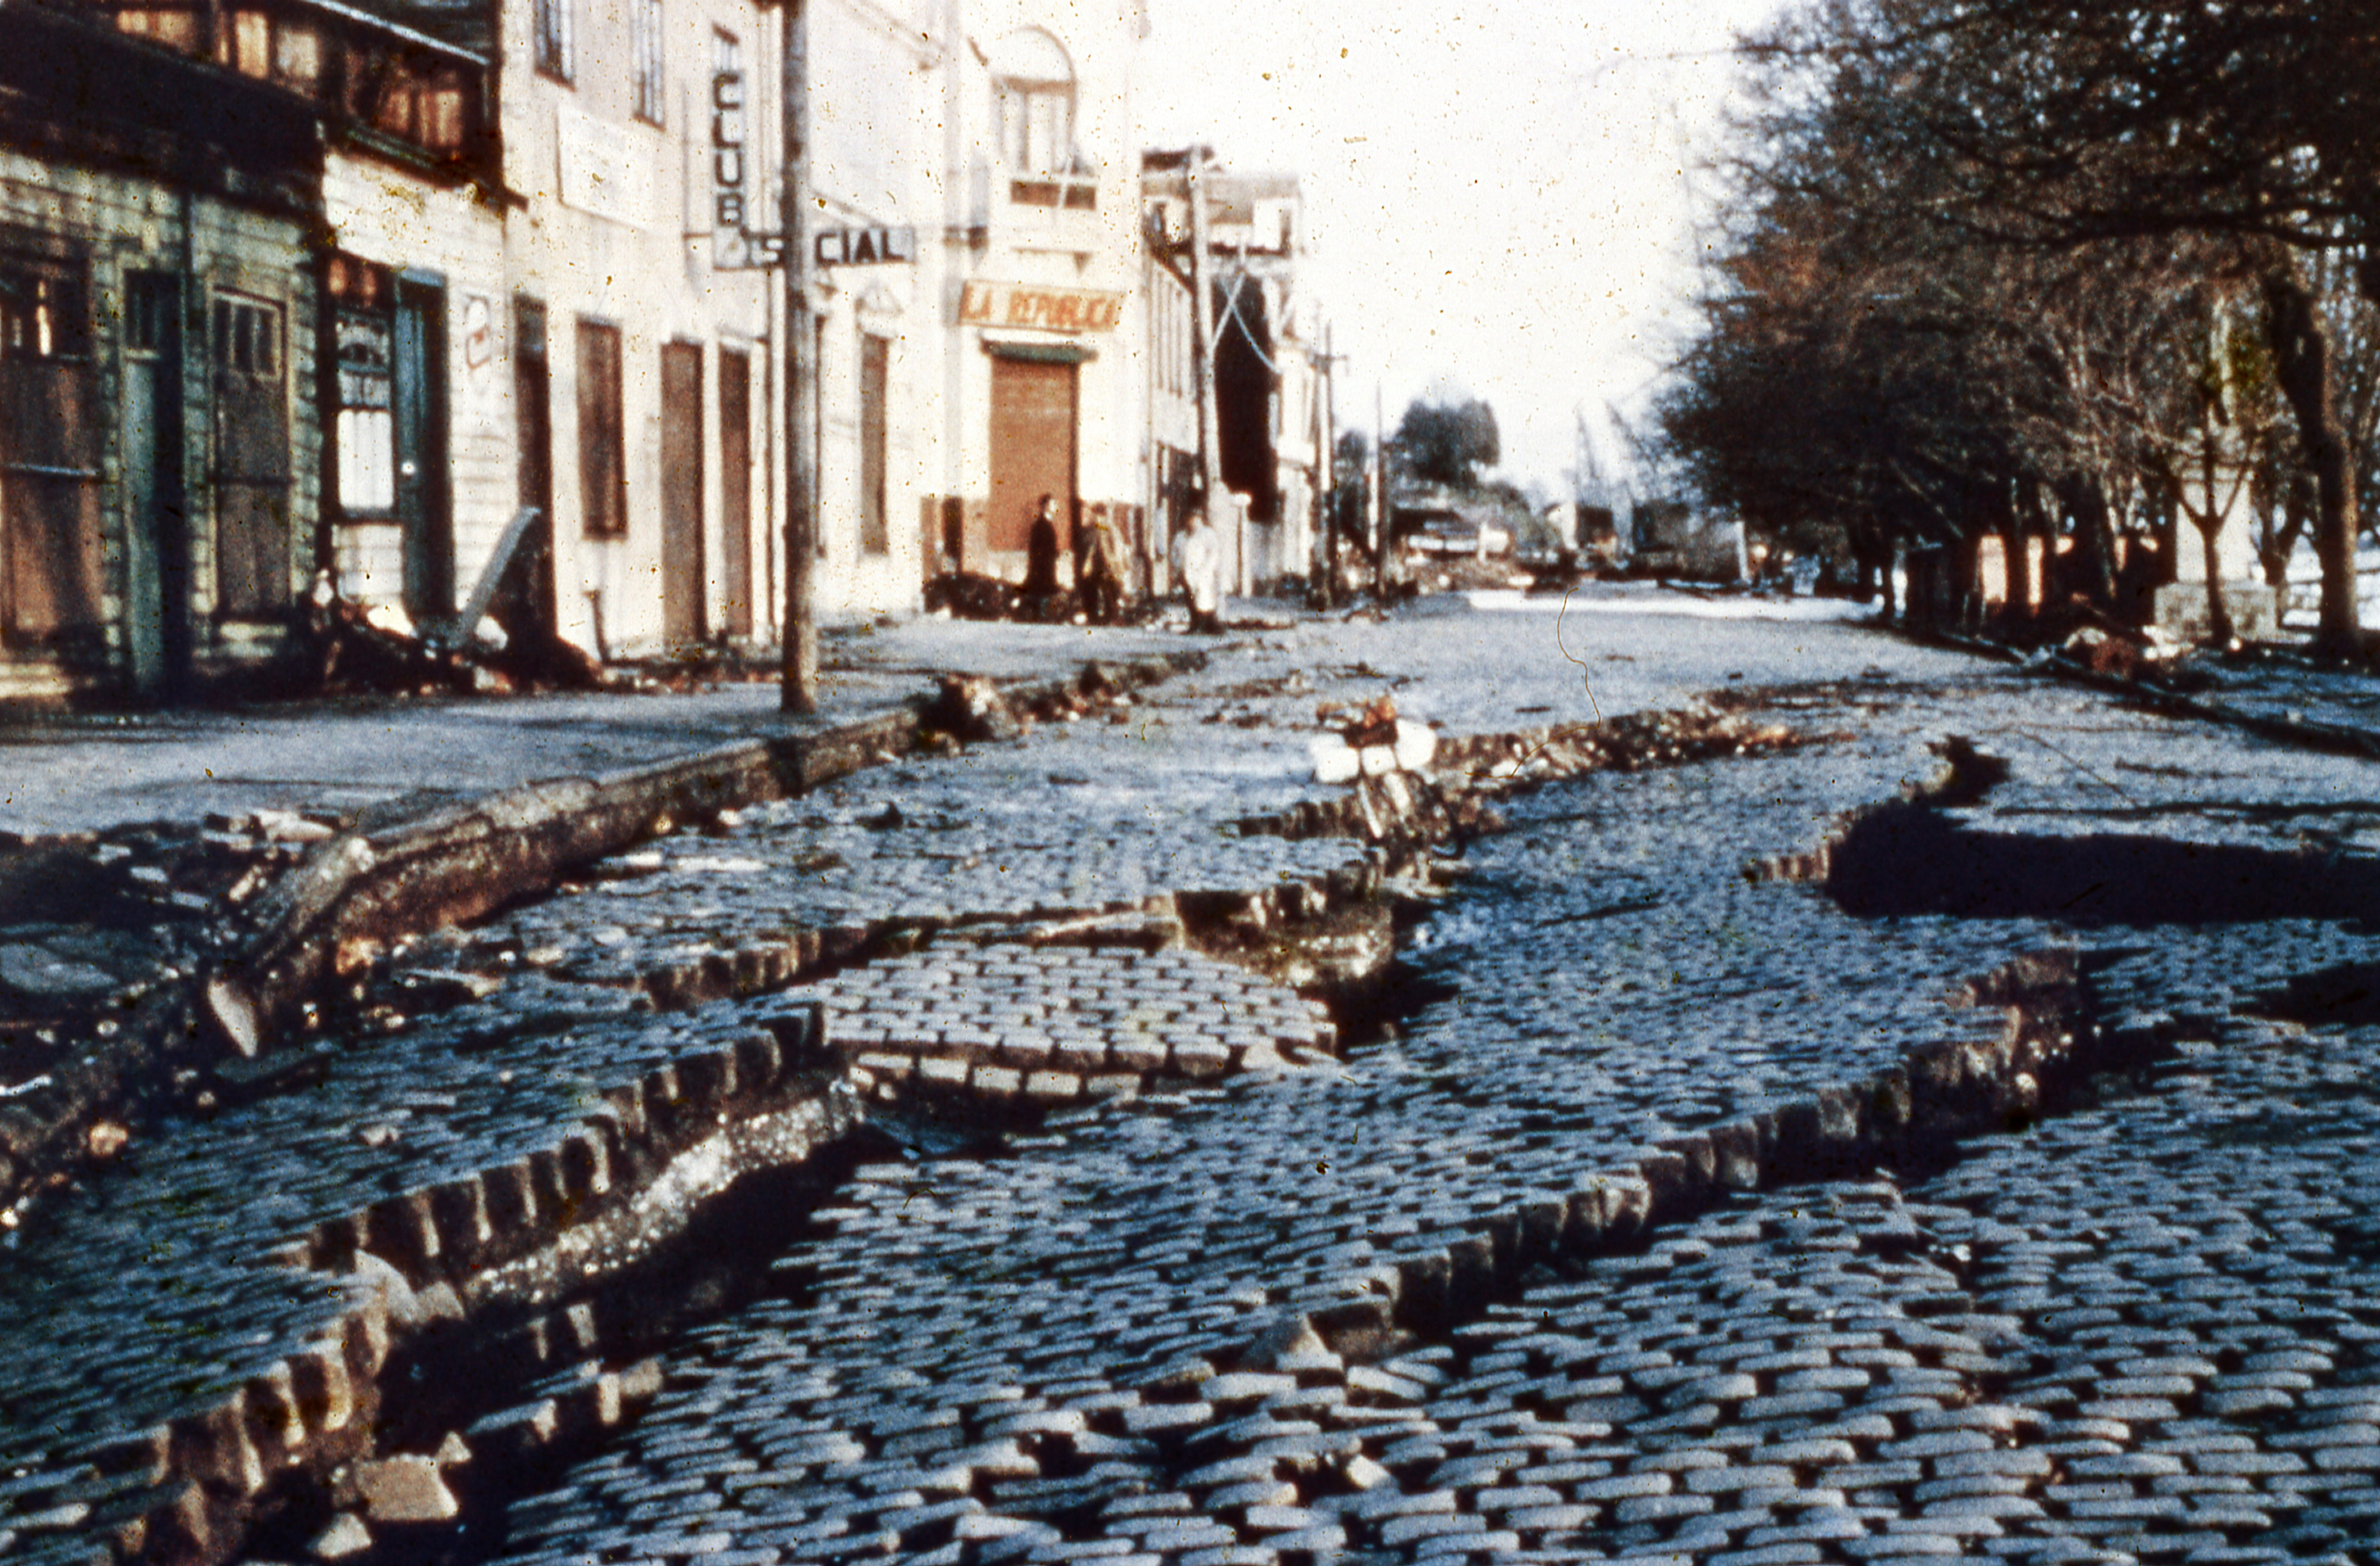 Enterreno - Fotos históricas de chile - fotos antiguas de Chile - Valdivia post terremoto de 1960